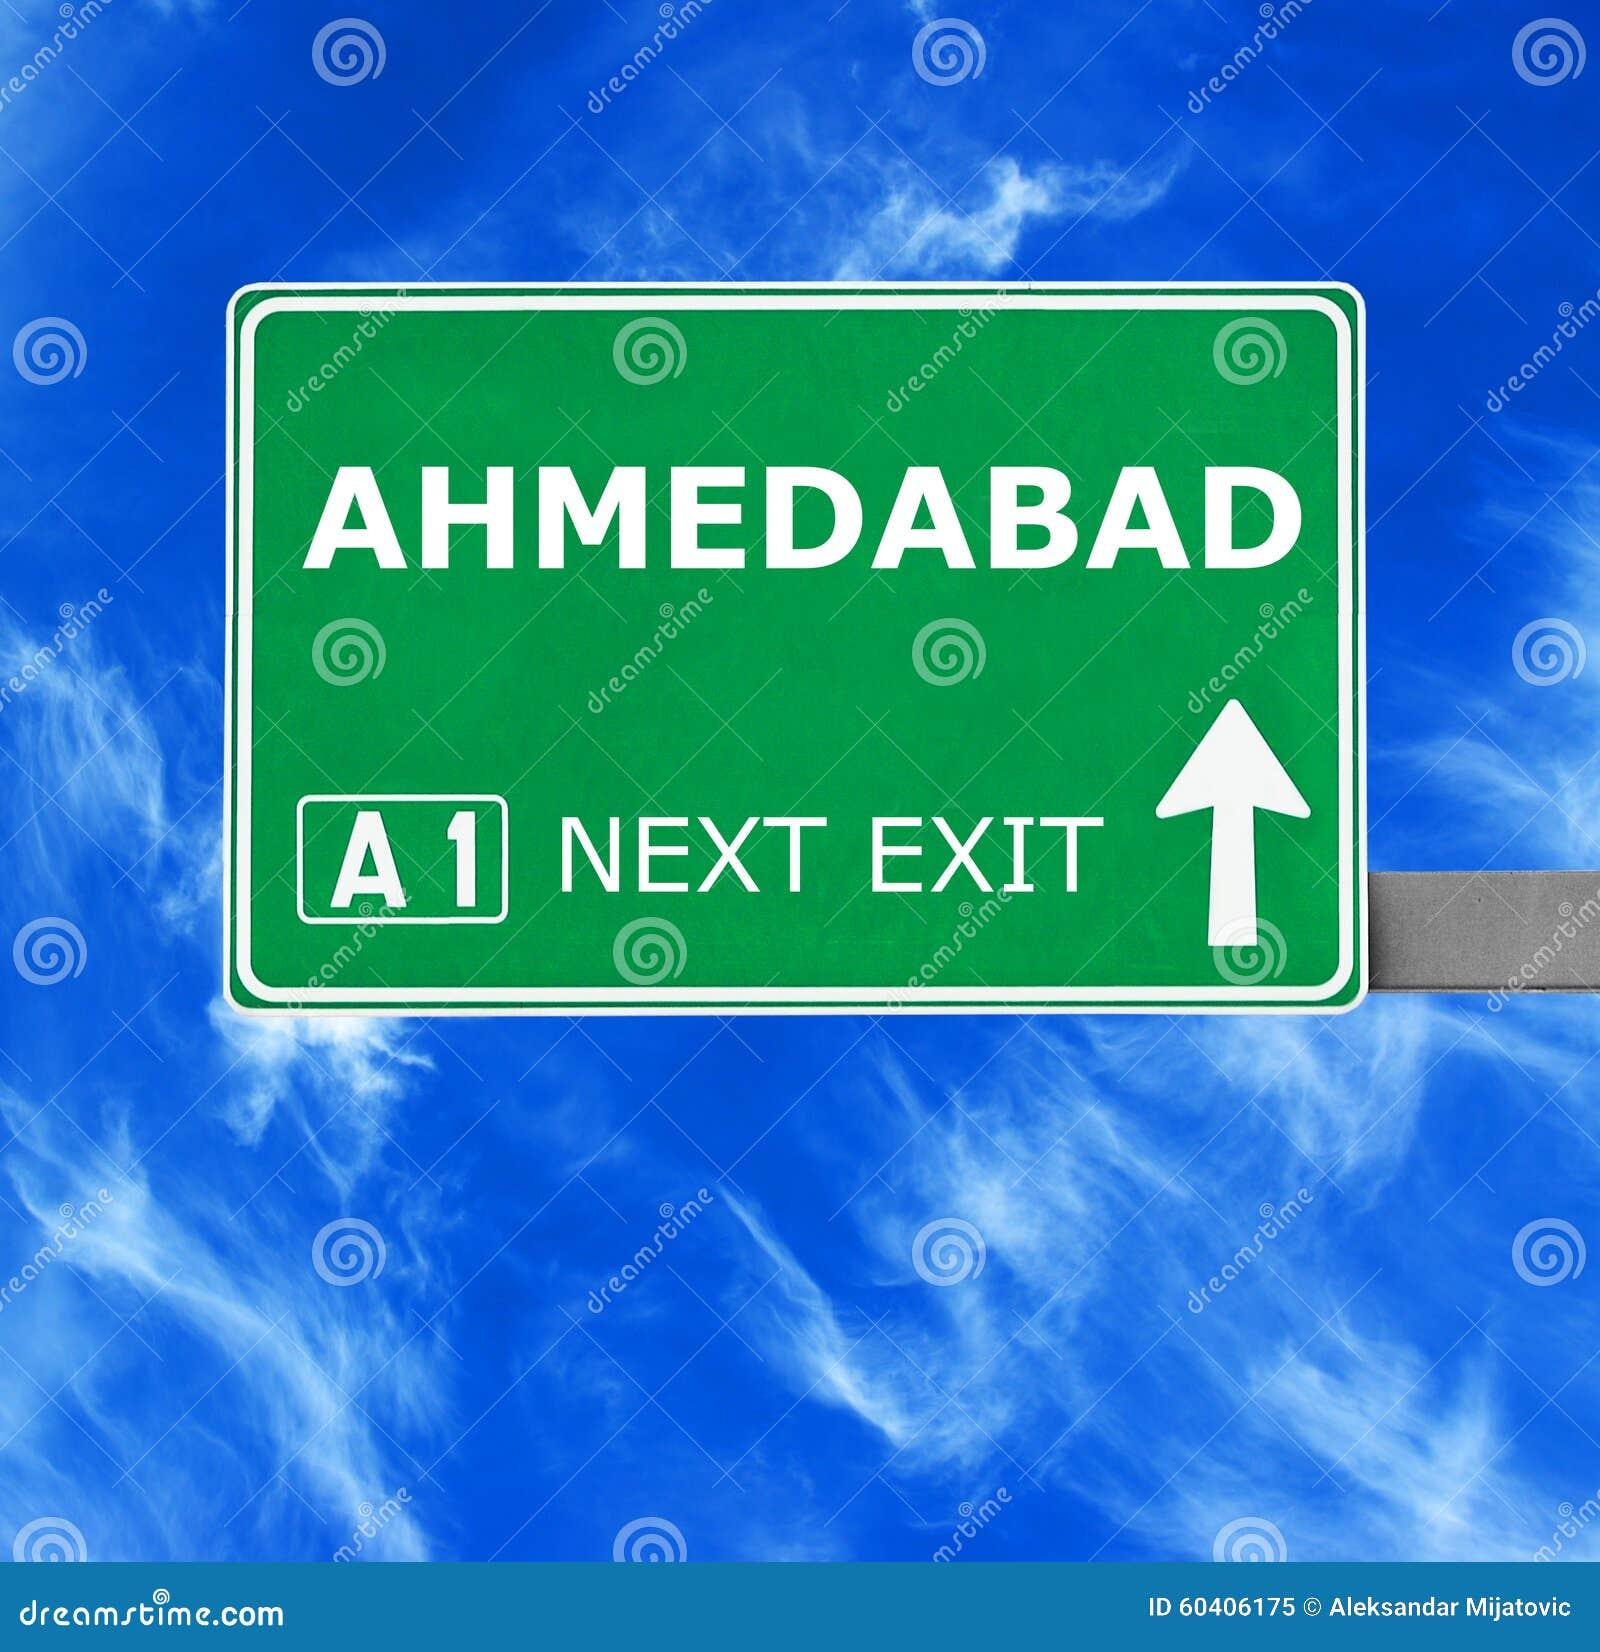 AHMEDABAD vägmärke mot klar blå himmel